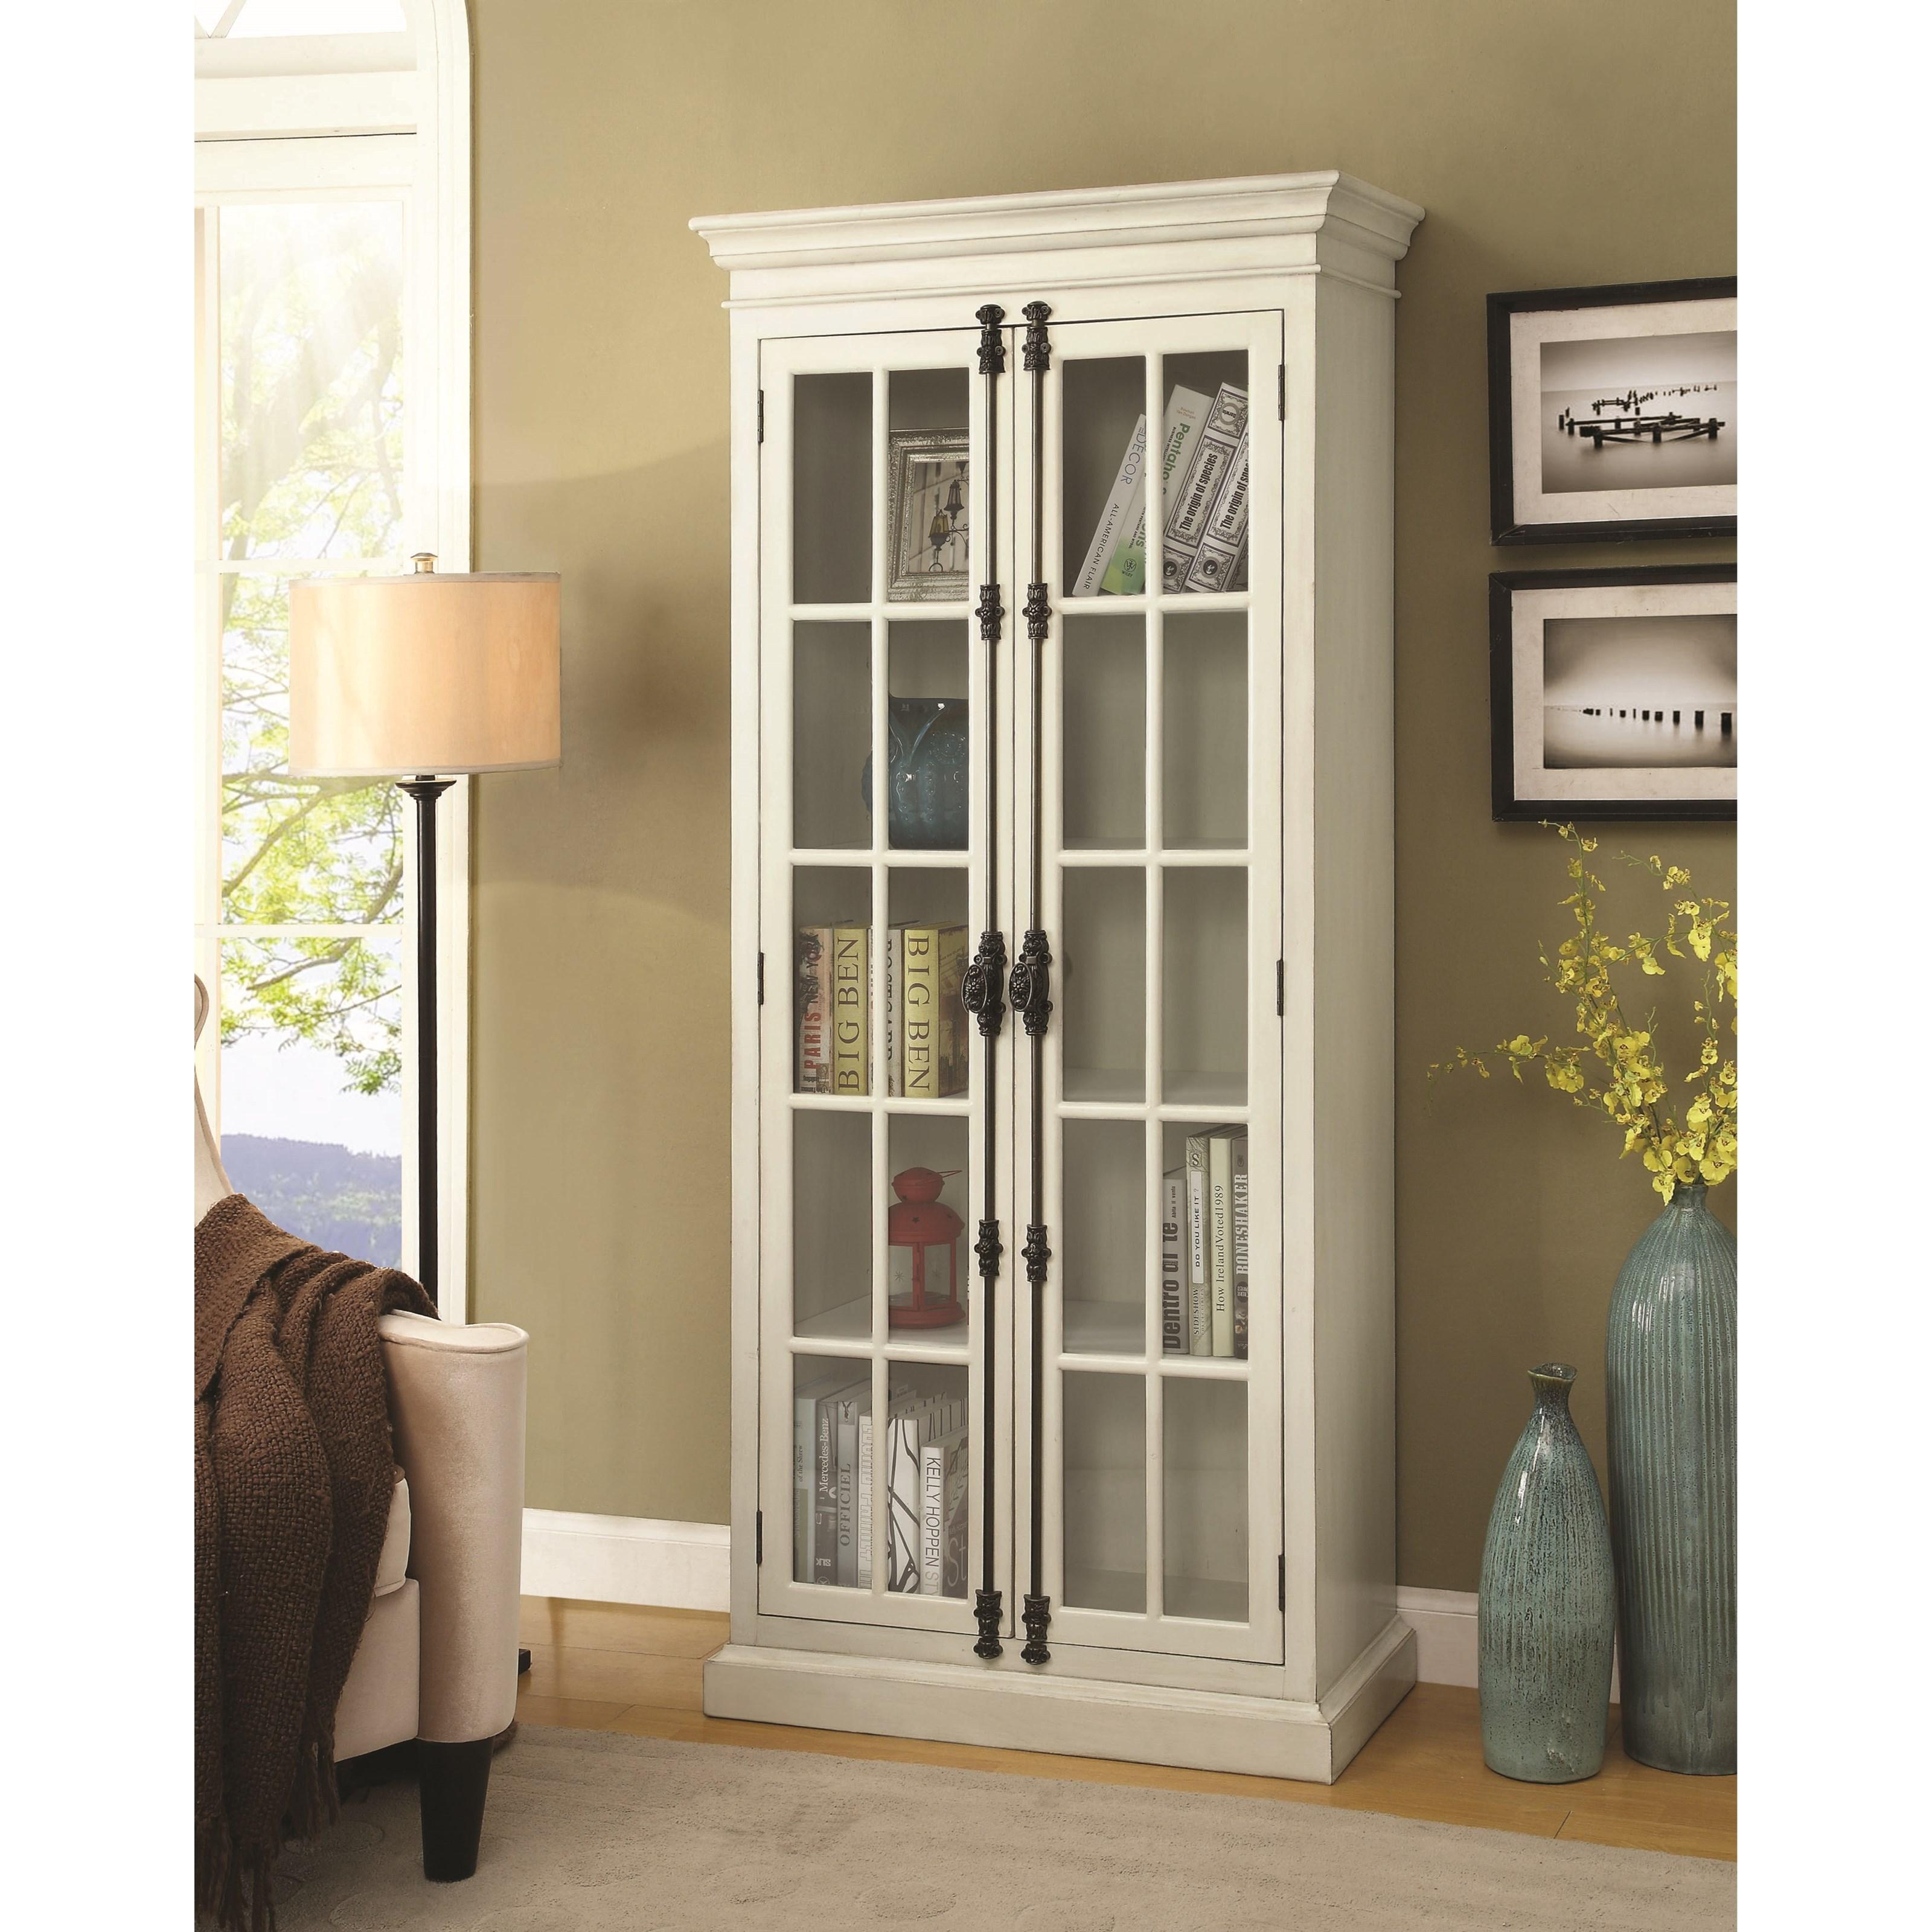 Coaster Curio Cabinets White Curio Cabinet